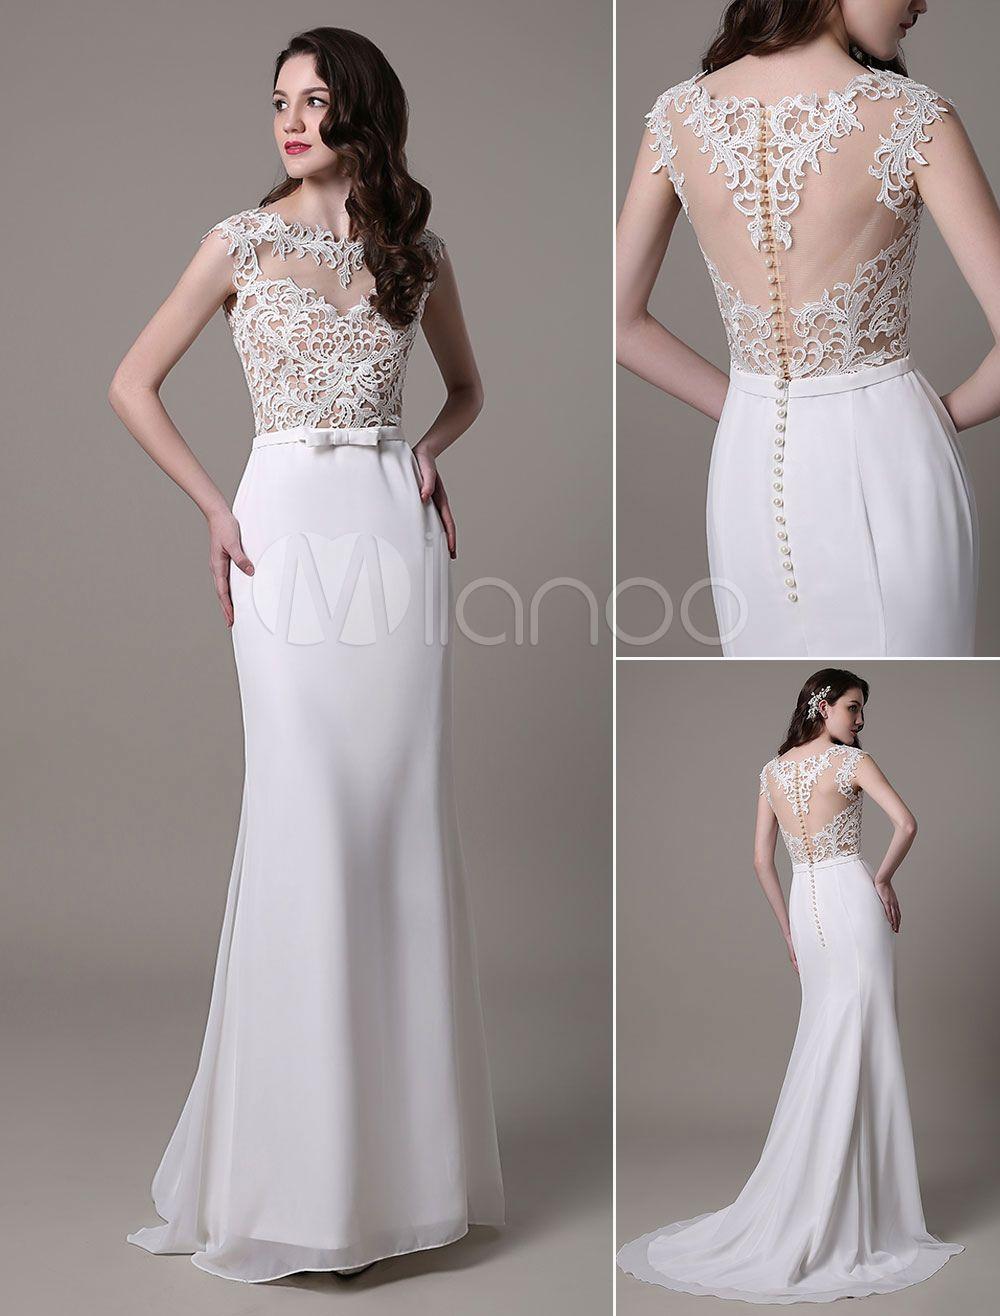 vestido de novia de encaje con escote transparente y lazo vestidos de novia de encaje novia. Black Bedroom Furniture Sets. Home Design Ideas